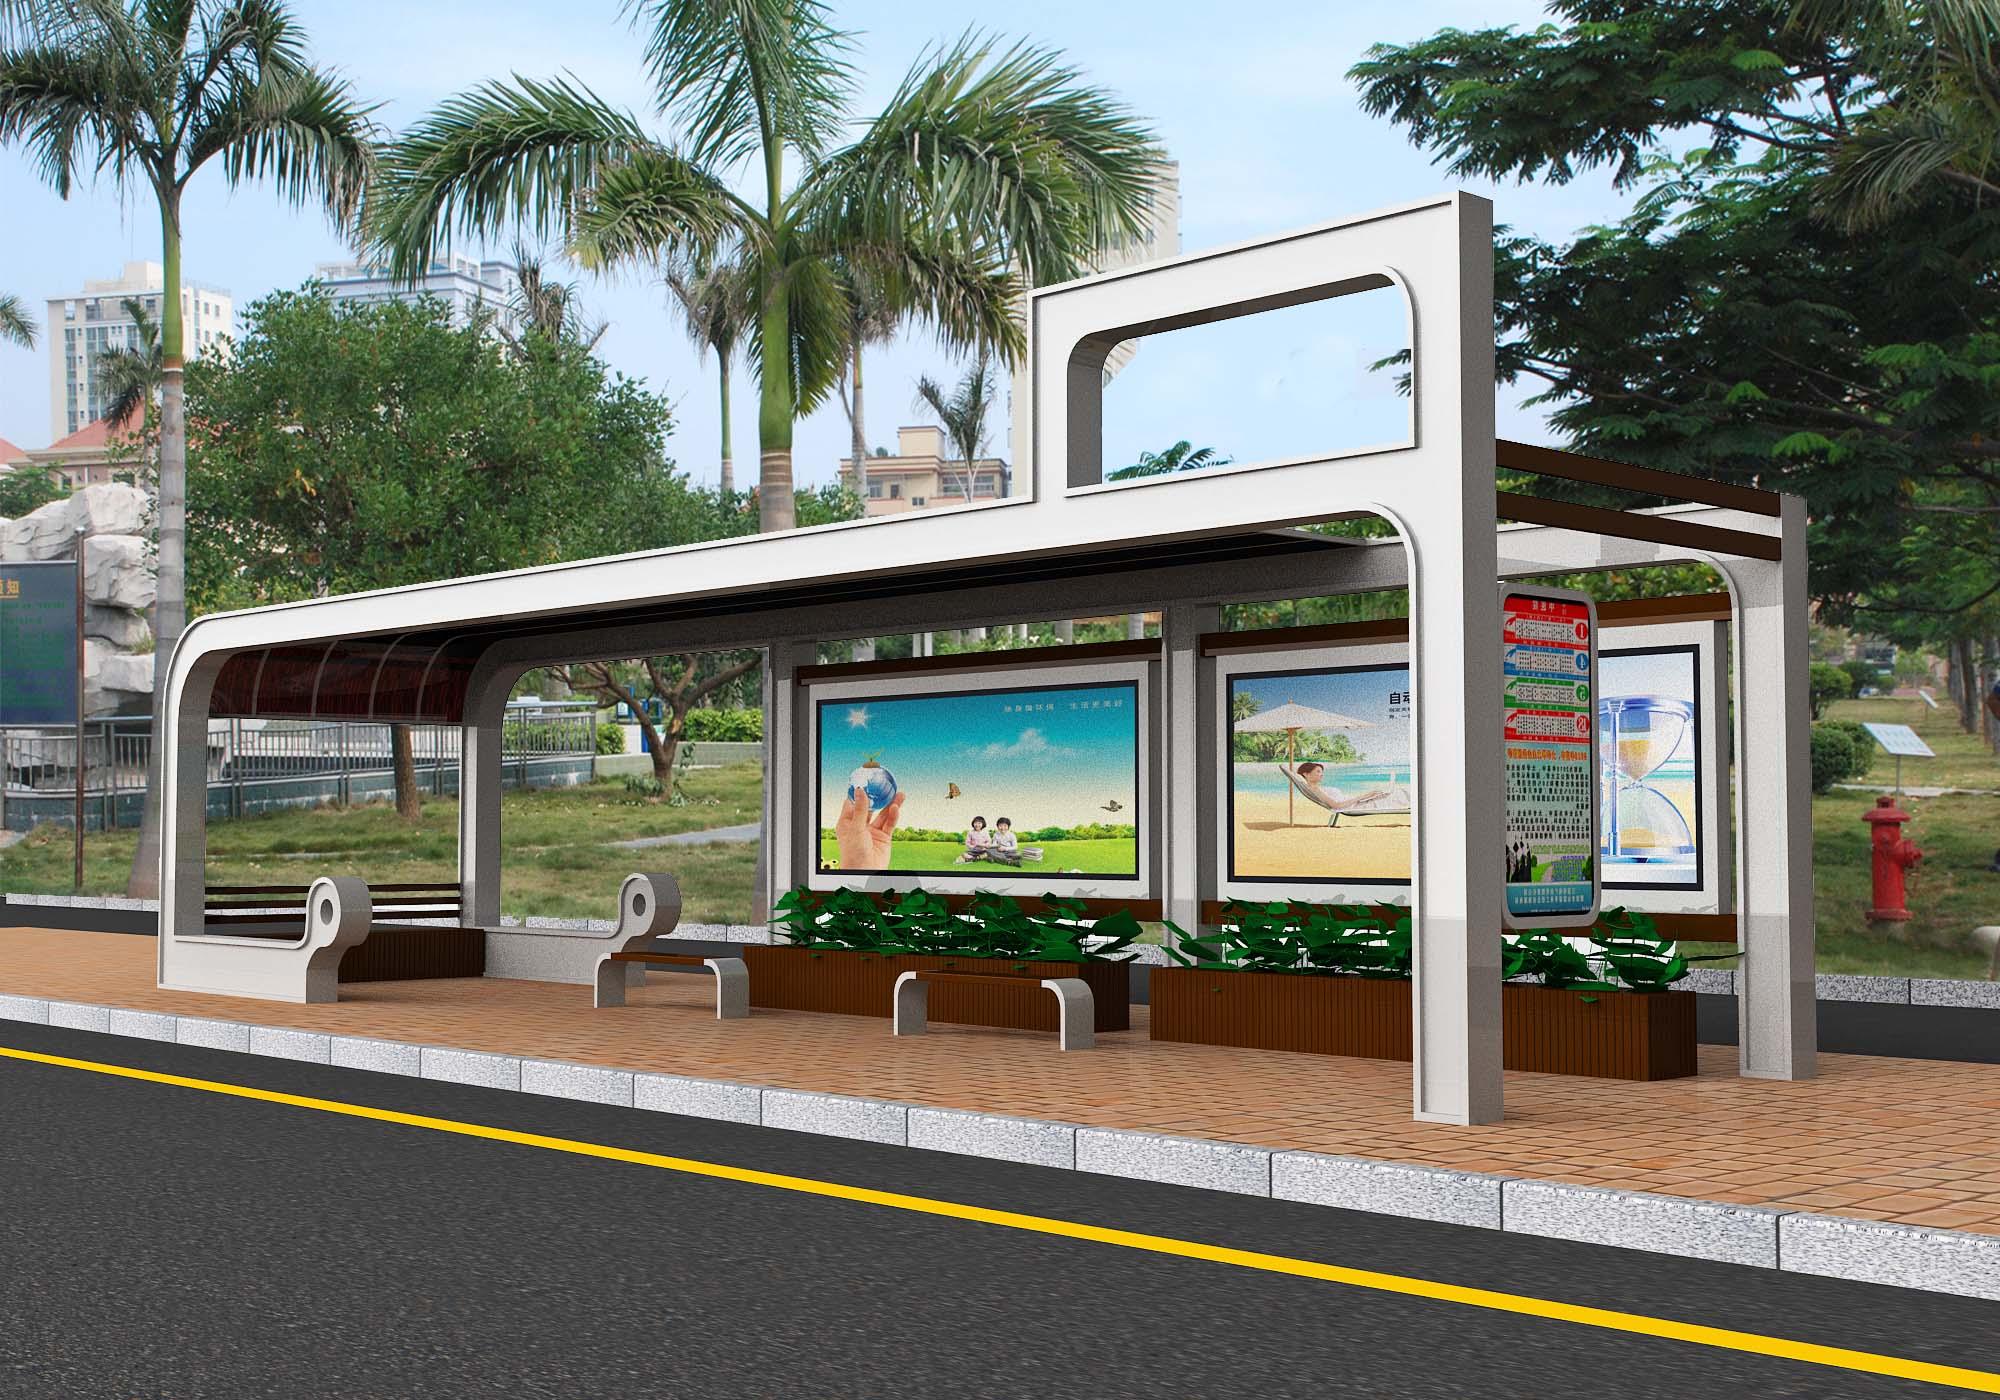 公交车站台供货商 公交站厅